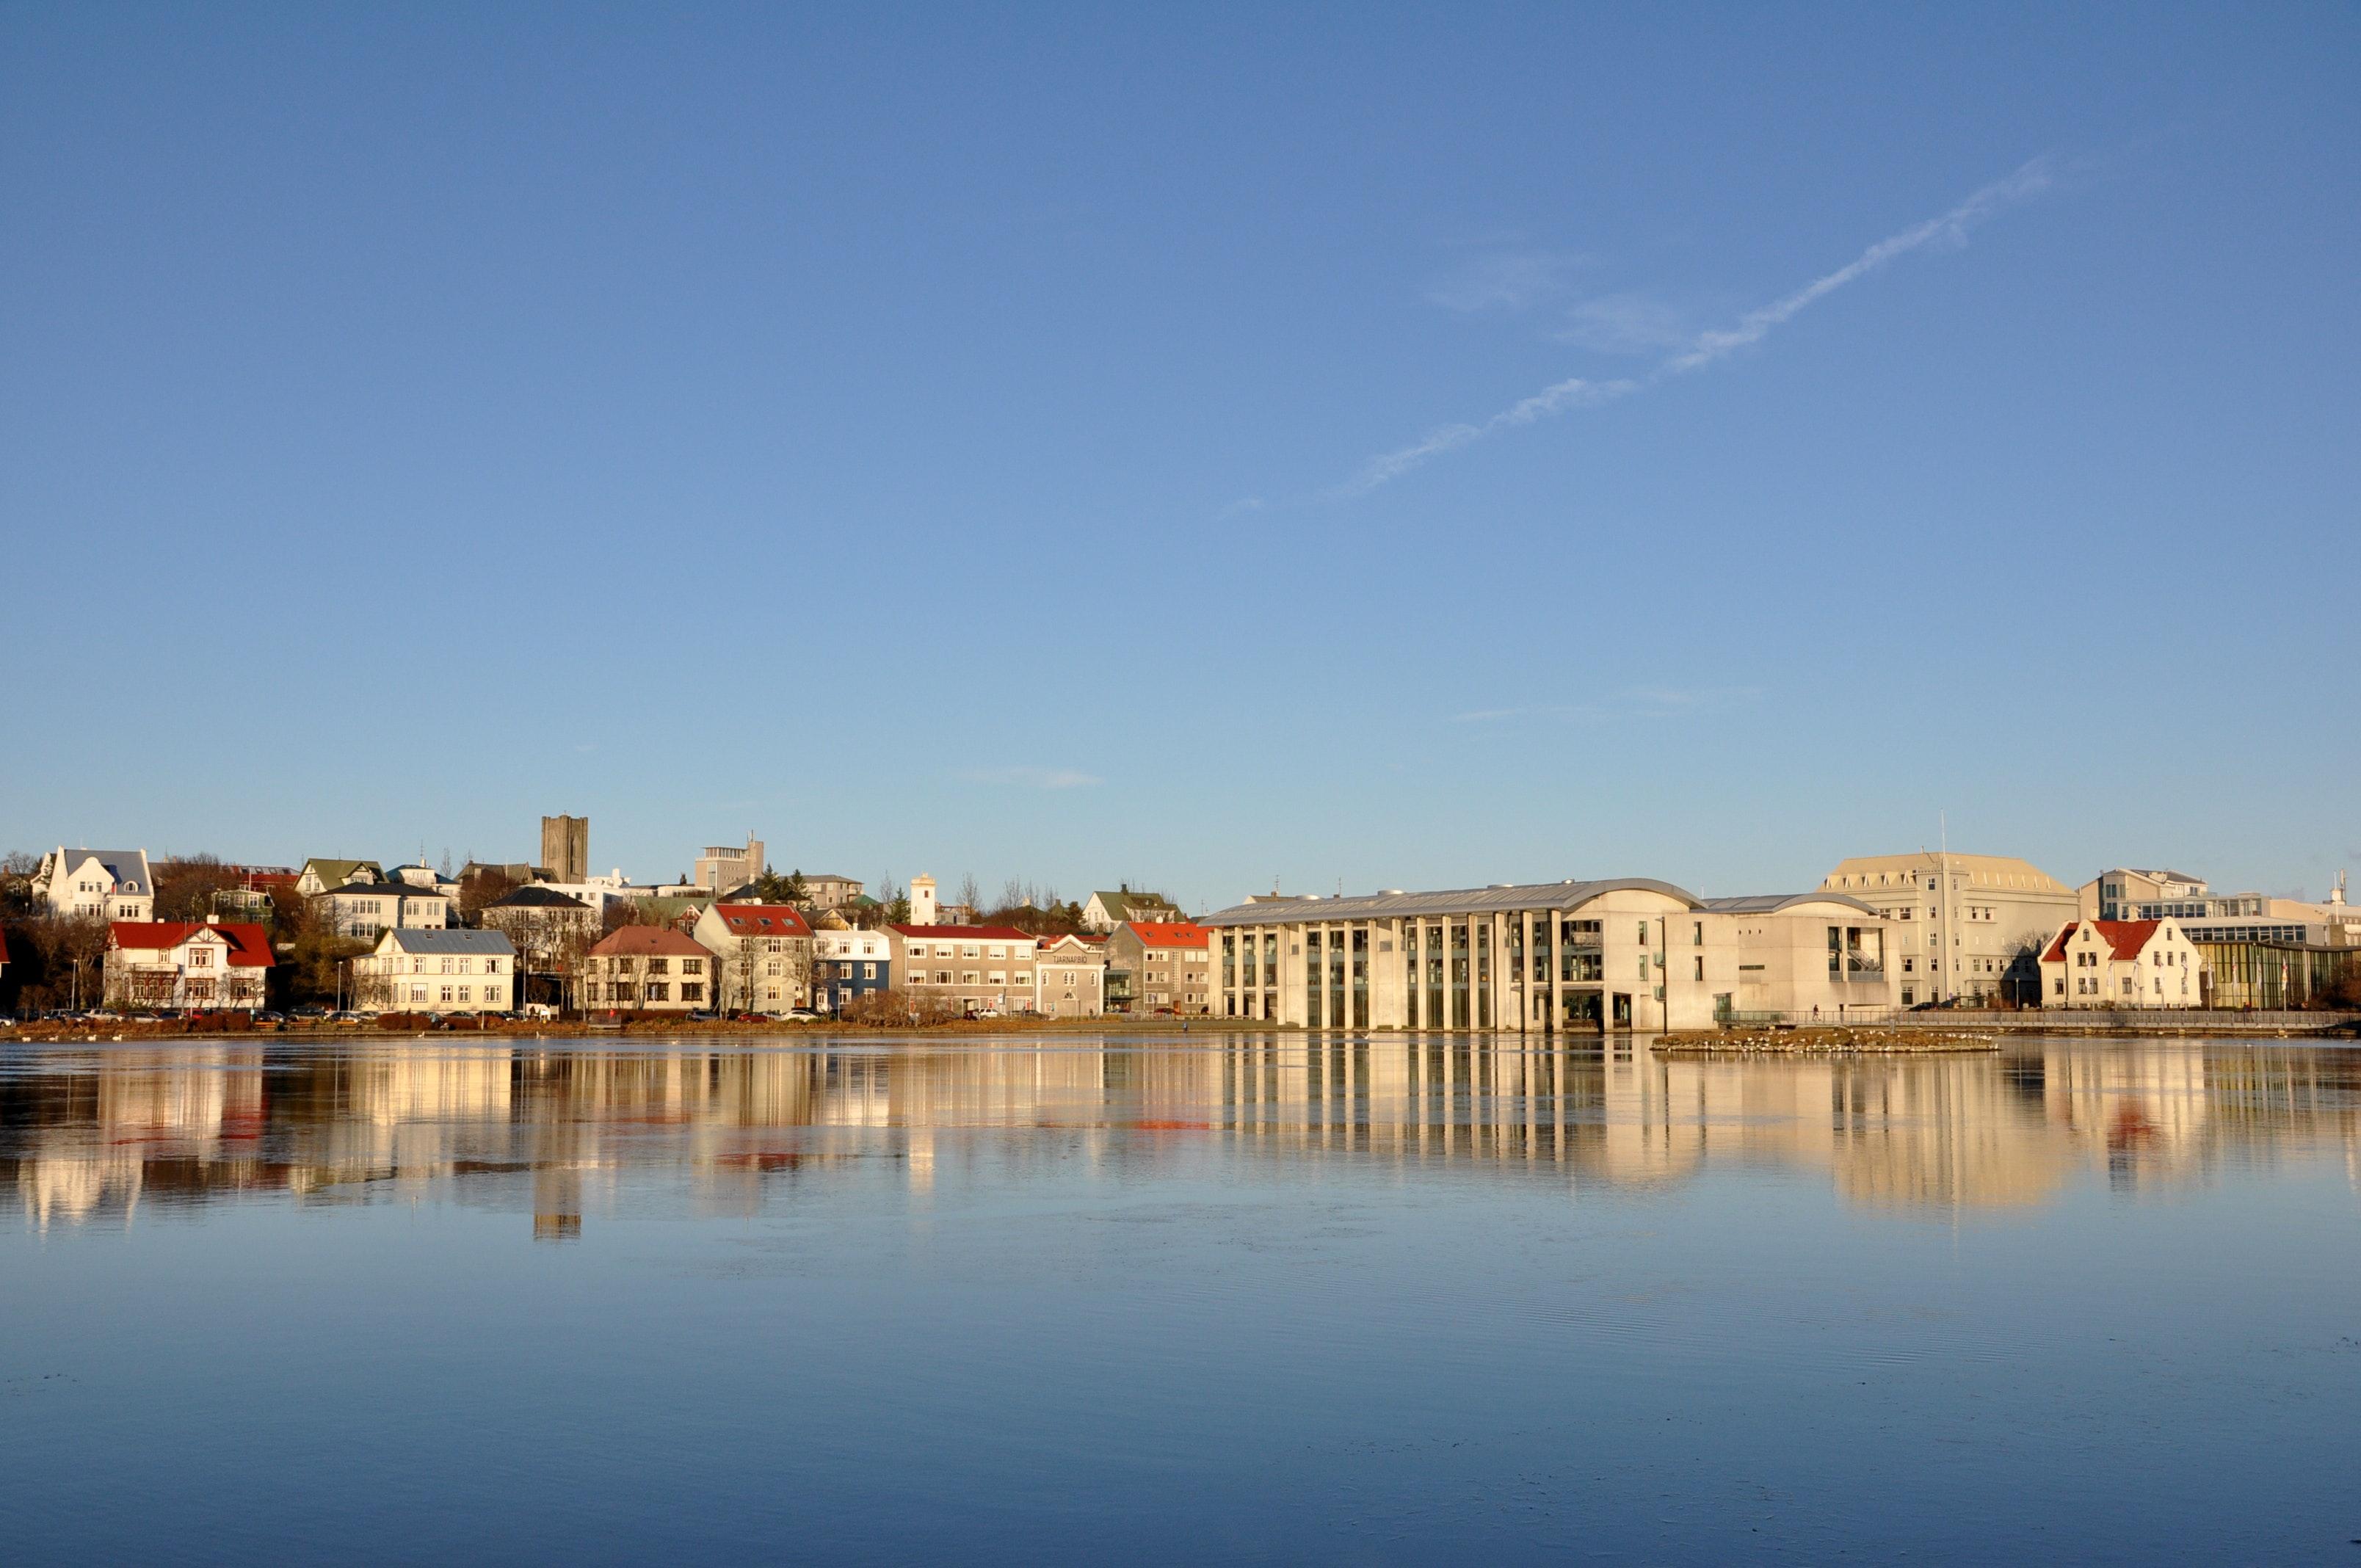 冰岛首都雷克雅未克托宁湖,世界最北的首都